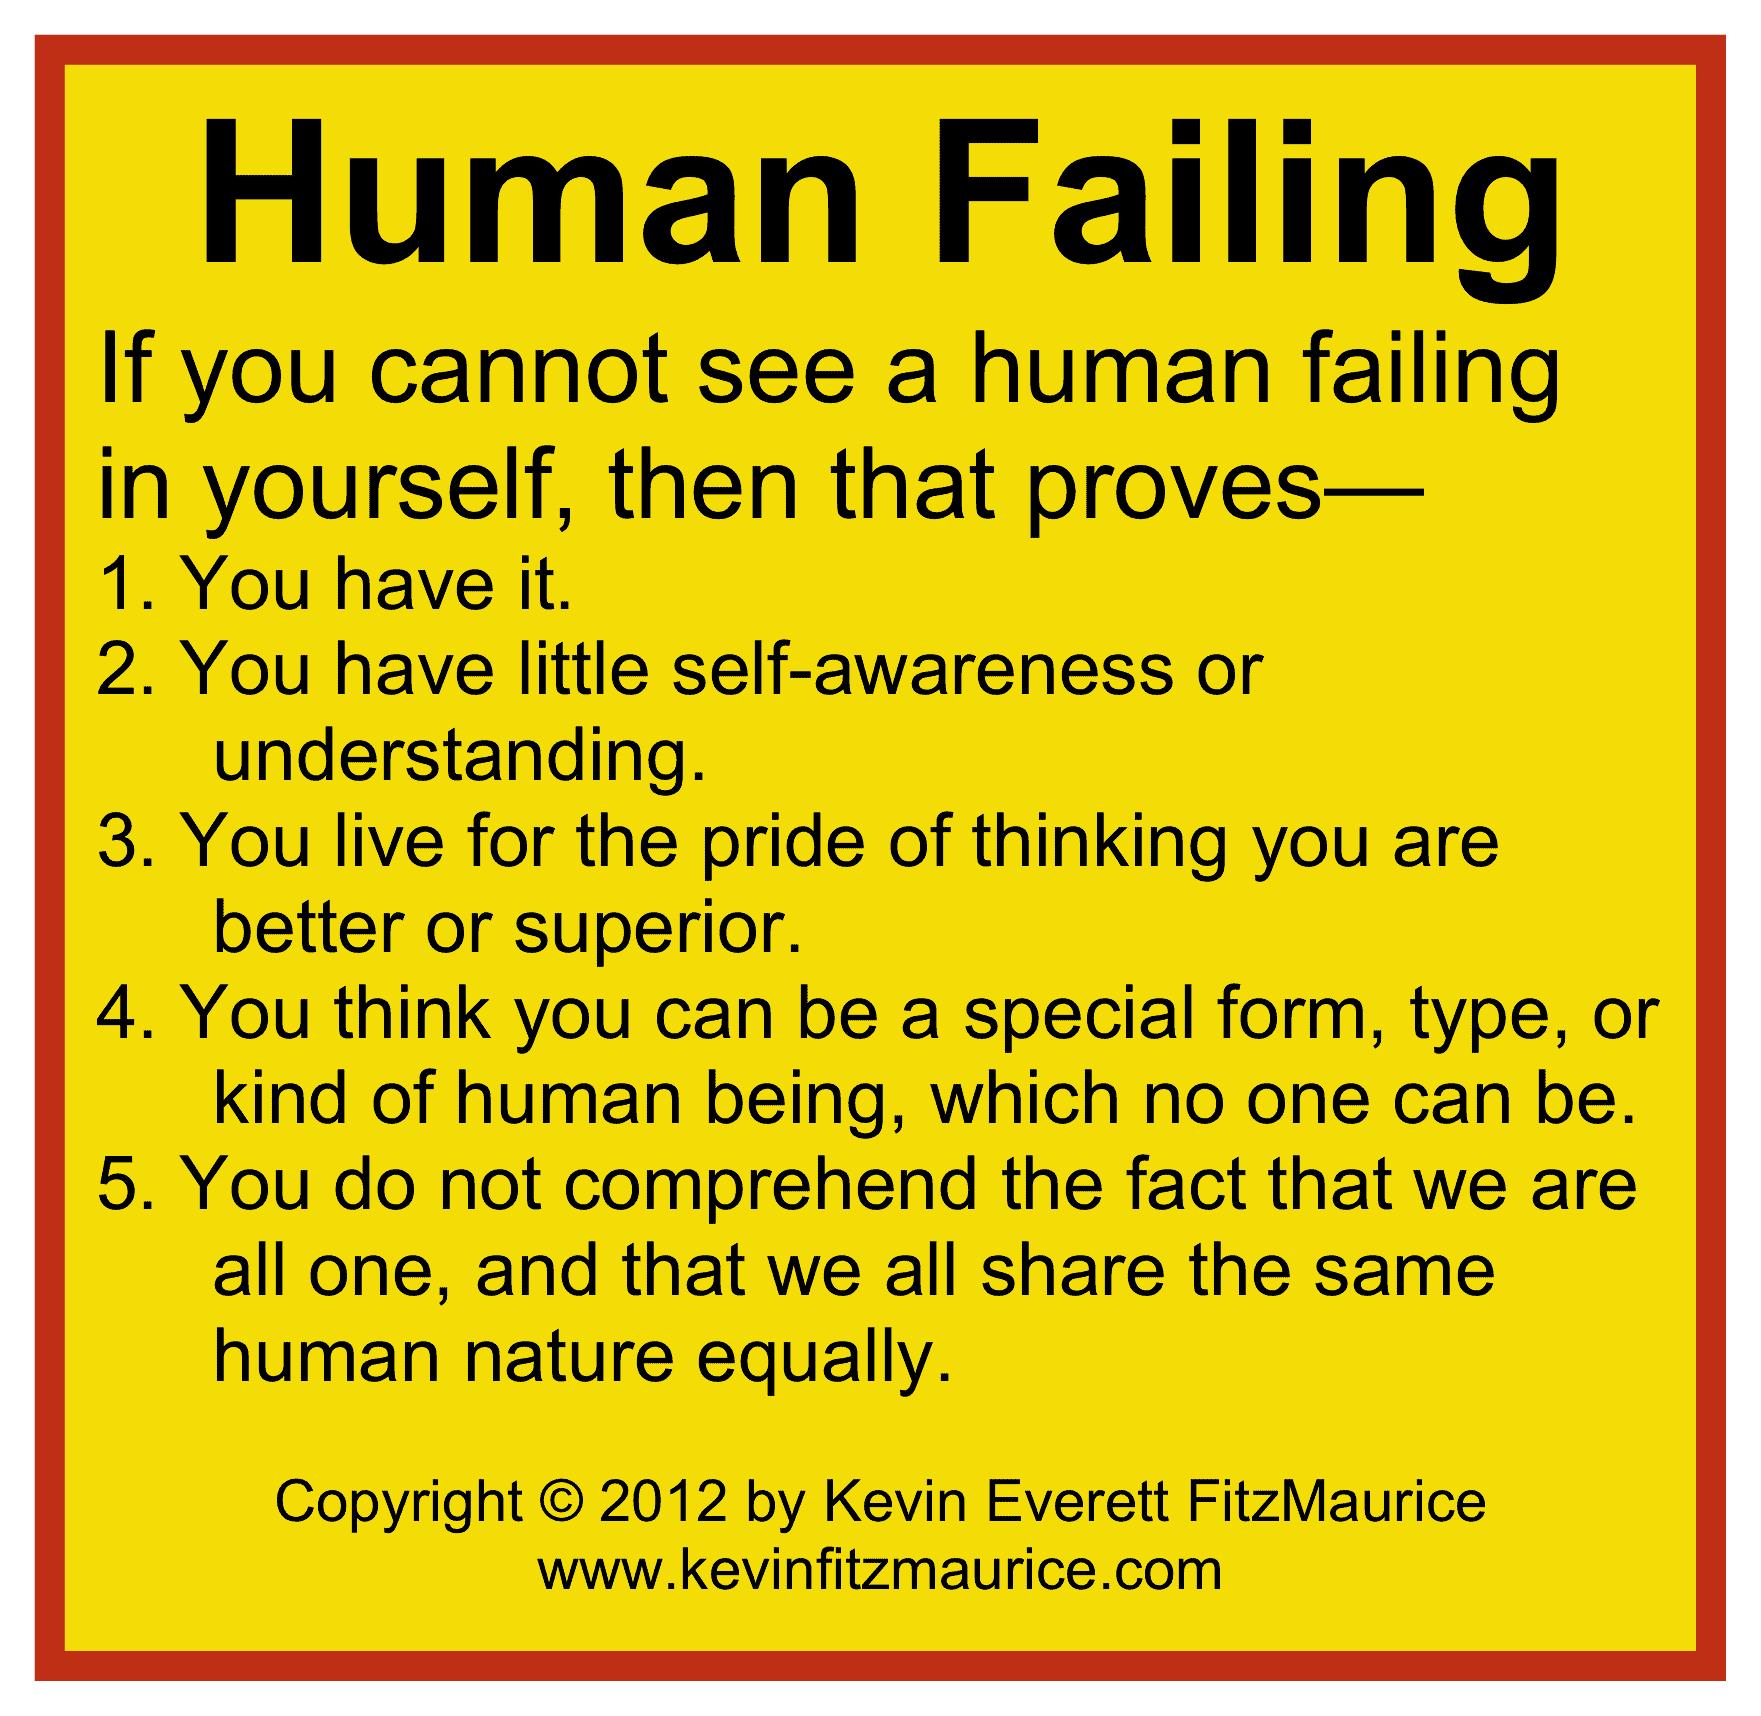 human failings universal